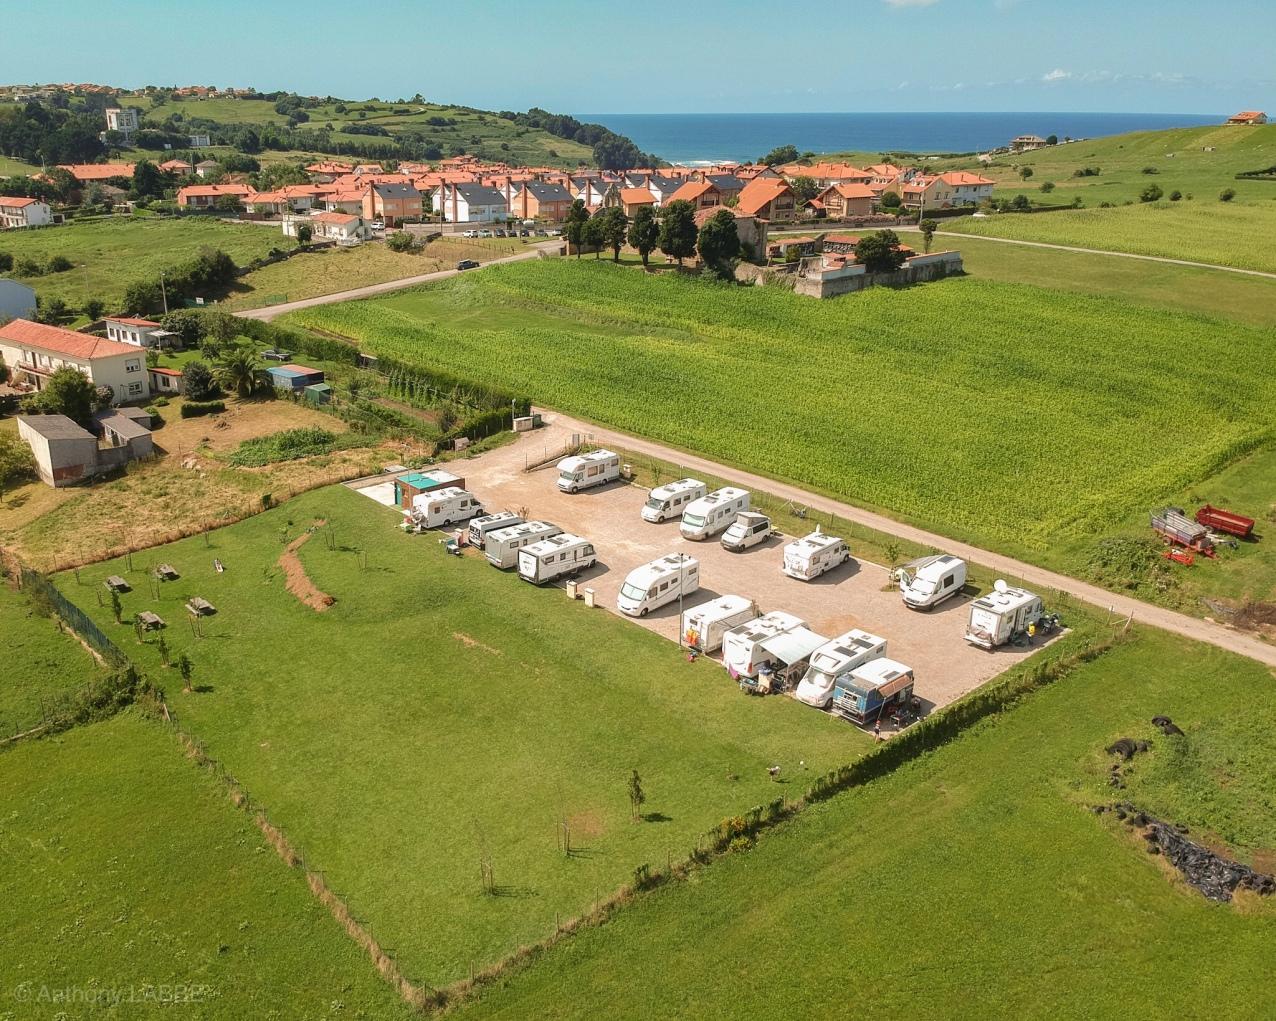 Area de servicio de autocaravanes Las Hazas Cobreces Cantabria Espagne Eté 2018